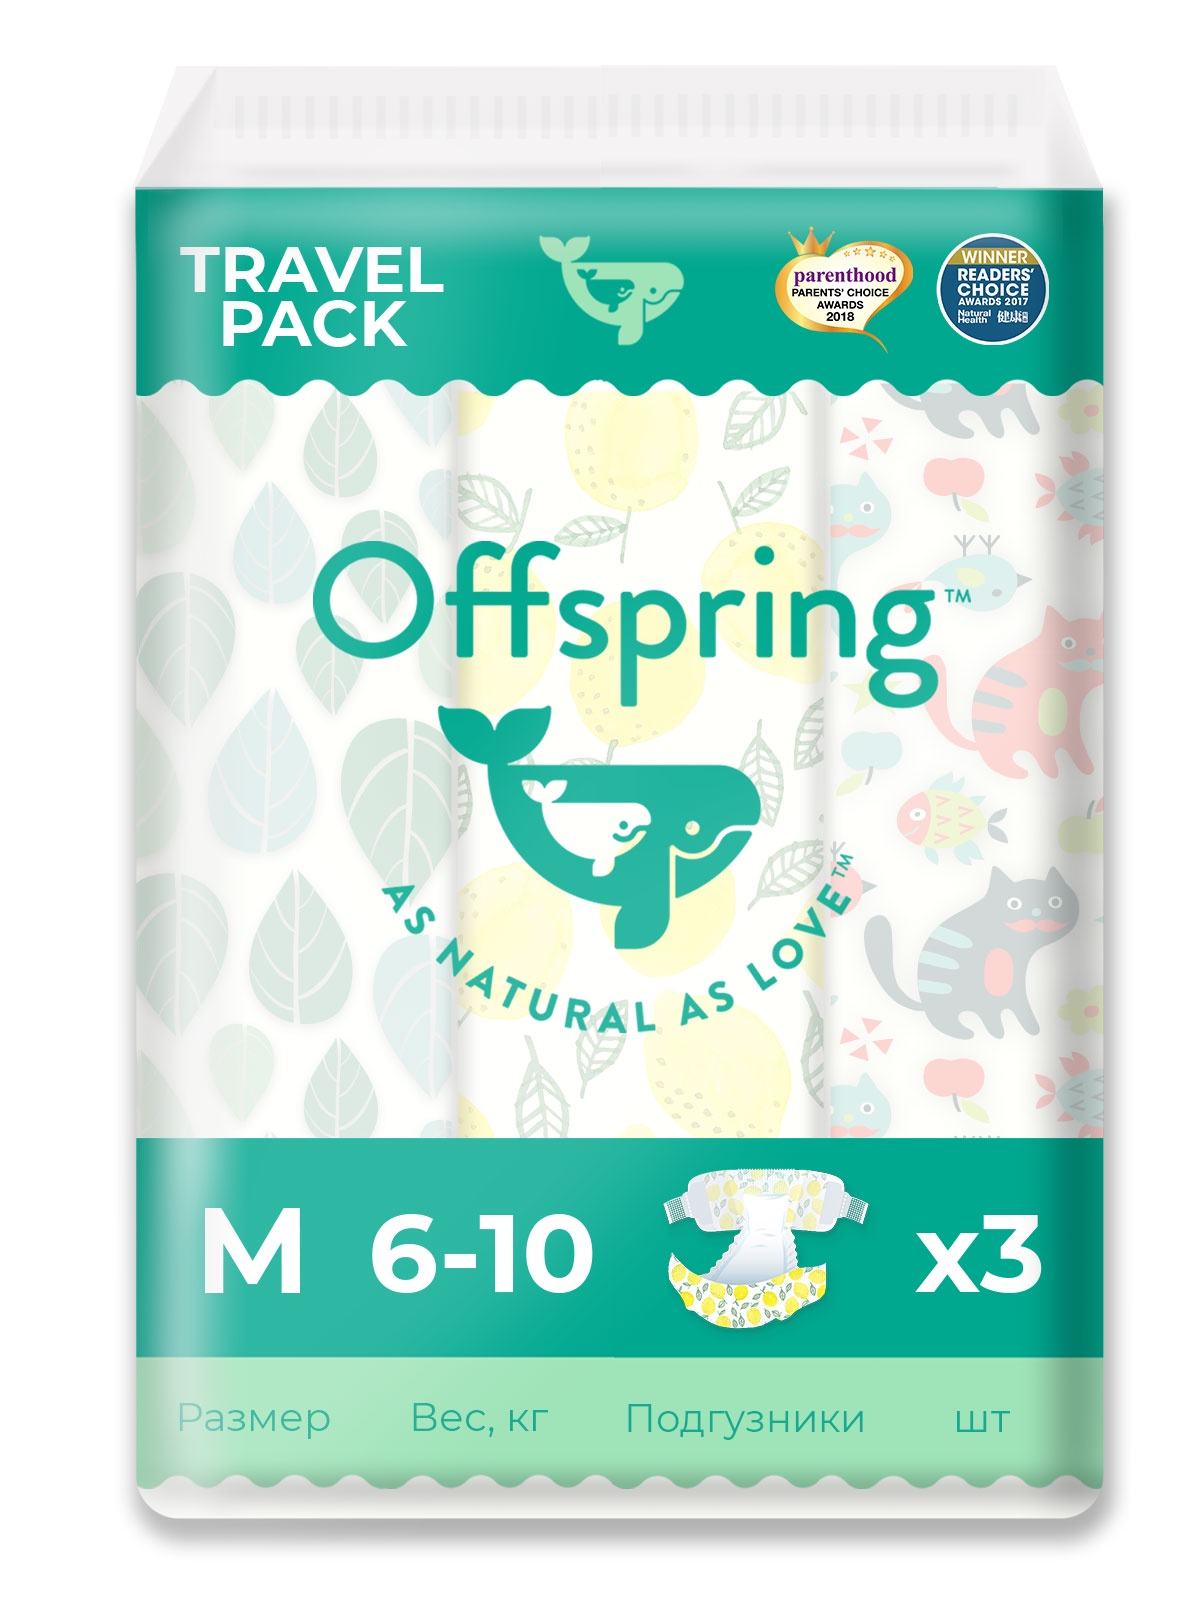 Подгузники Offspring Travel pack, M 6-10 кг. 3 шт. 3 расцветкиOF01M3LMLAOffspring – первые подгузники, которые сочетают в себе безопасный состав и эко-подход скандинавских подгузников, и мягкость и комфорт азиатскихУникальный формат travel pack позволяет взять необходимое количество подгузников с собой в поездку, на прогулку или в гости. Удобная упаковка помещается в любой сумке или рюкзаке, сохраняя гигиенические свойства каждого подгузника. Оцените три разных рисунка и выберите тот, что больше подходит под настроение!Стильные и безопасные подгузники Offspring созданы в Австралии в ответ на реальные желания современных мам и пап — быть уверенными в безопасности и удобстве их малышей. Этот прогрессивный бренд уже завоевал сердца родителей в Сингапуре, Новой Зеландии, Нидерландах и других странах.Offspring - тонкие, мягкие и ультравпитываюшие подгузники без хлора:Offspring производятся по японской технологии с использованием лучшего японского суперабсорбента по стандартам качества ISO 9001 & ISO 1400, поэтому отлично впитывают и не пропускают влагу.Offspring - безопасные подгузники, потому что не содержат хлора, парабенов, латекса, фталатов, тяжелых металлов, отдушек и лосьонов.В них нет индикатора наполняемости, потому что такие индикаторы всегда содержат краски с сомнительным составом.Подтверждённые сертификатами качество и экологичность используемых материалов гарантируют заботу о вашем ребёнке.Супердышащие внутренний и внешний слой оберегают кожу малышей от раздражений и опрелости, а закругленные застежки, высокий эластичный поясок и двойн...